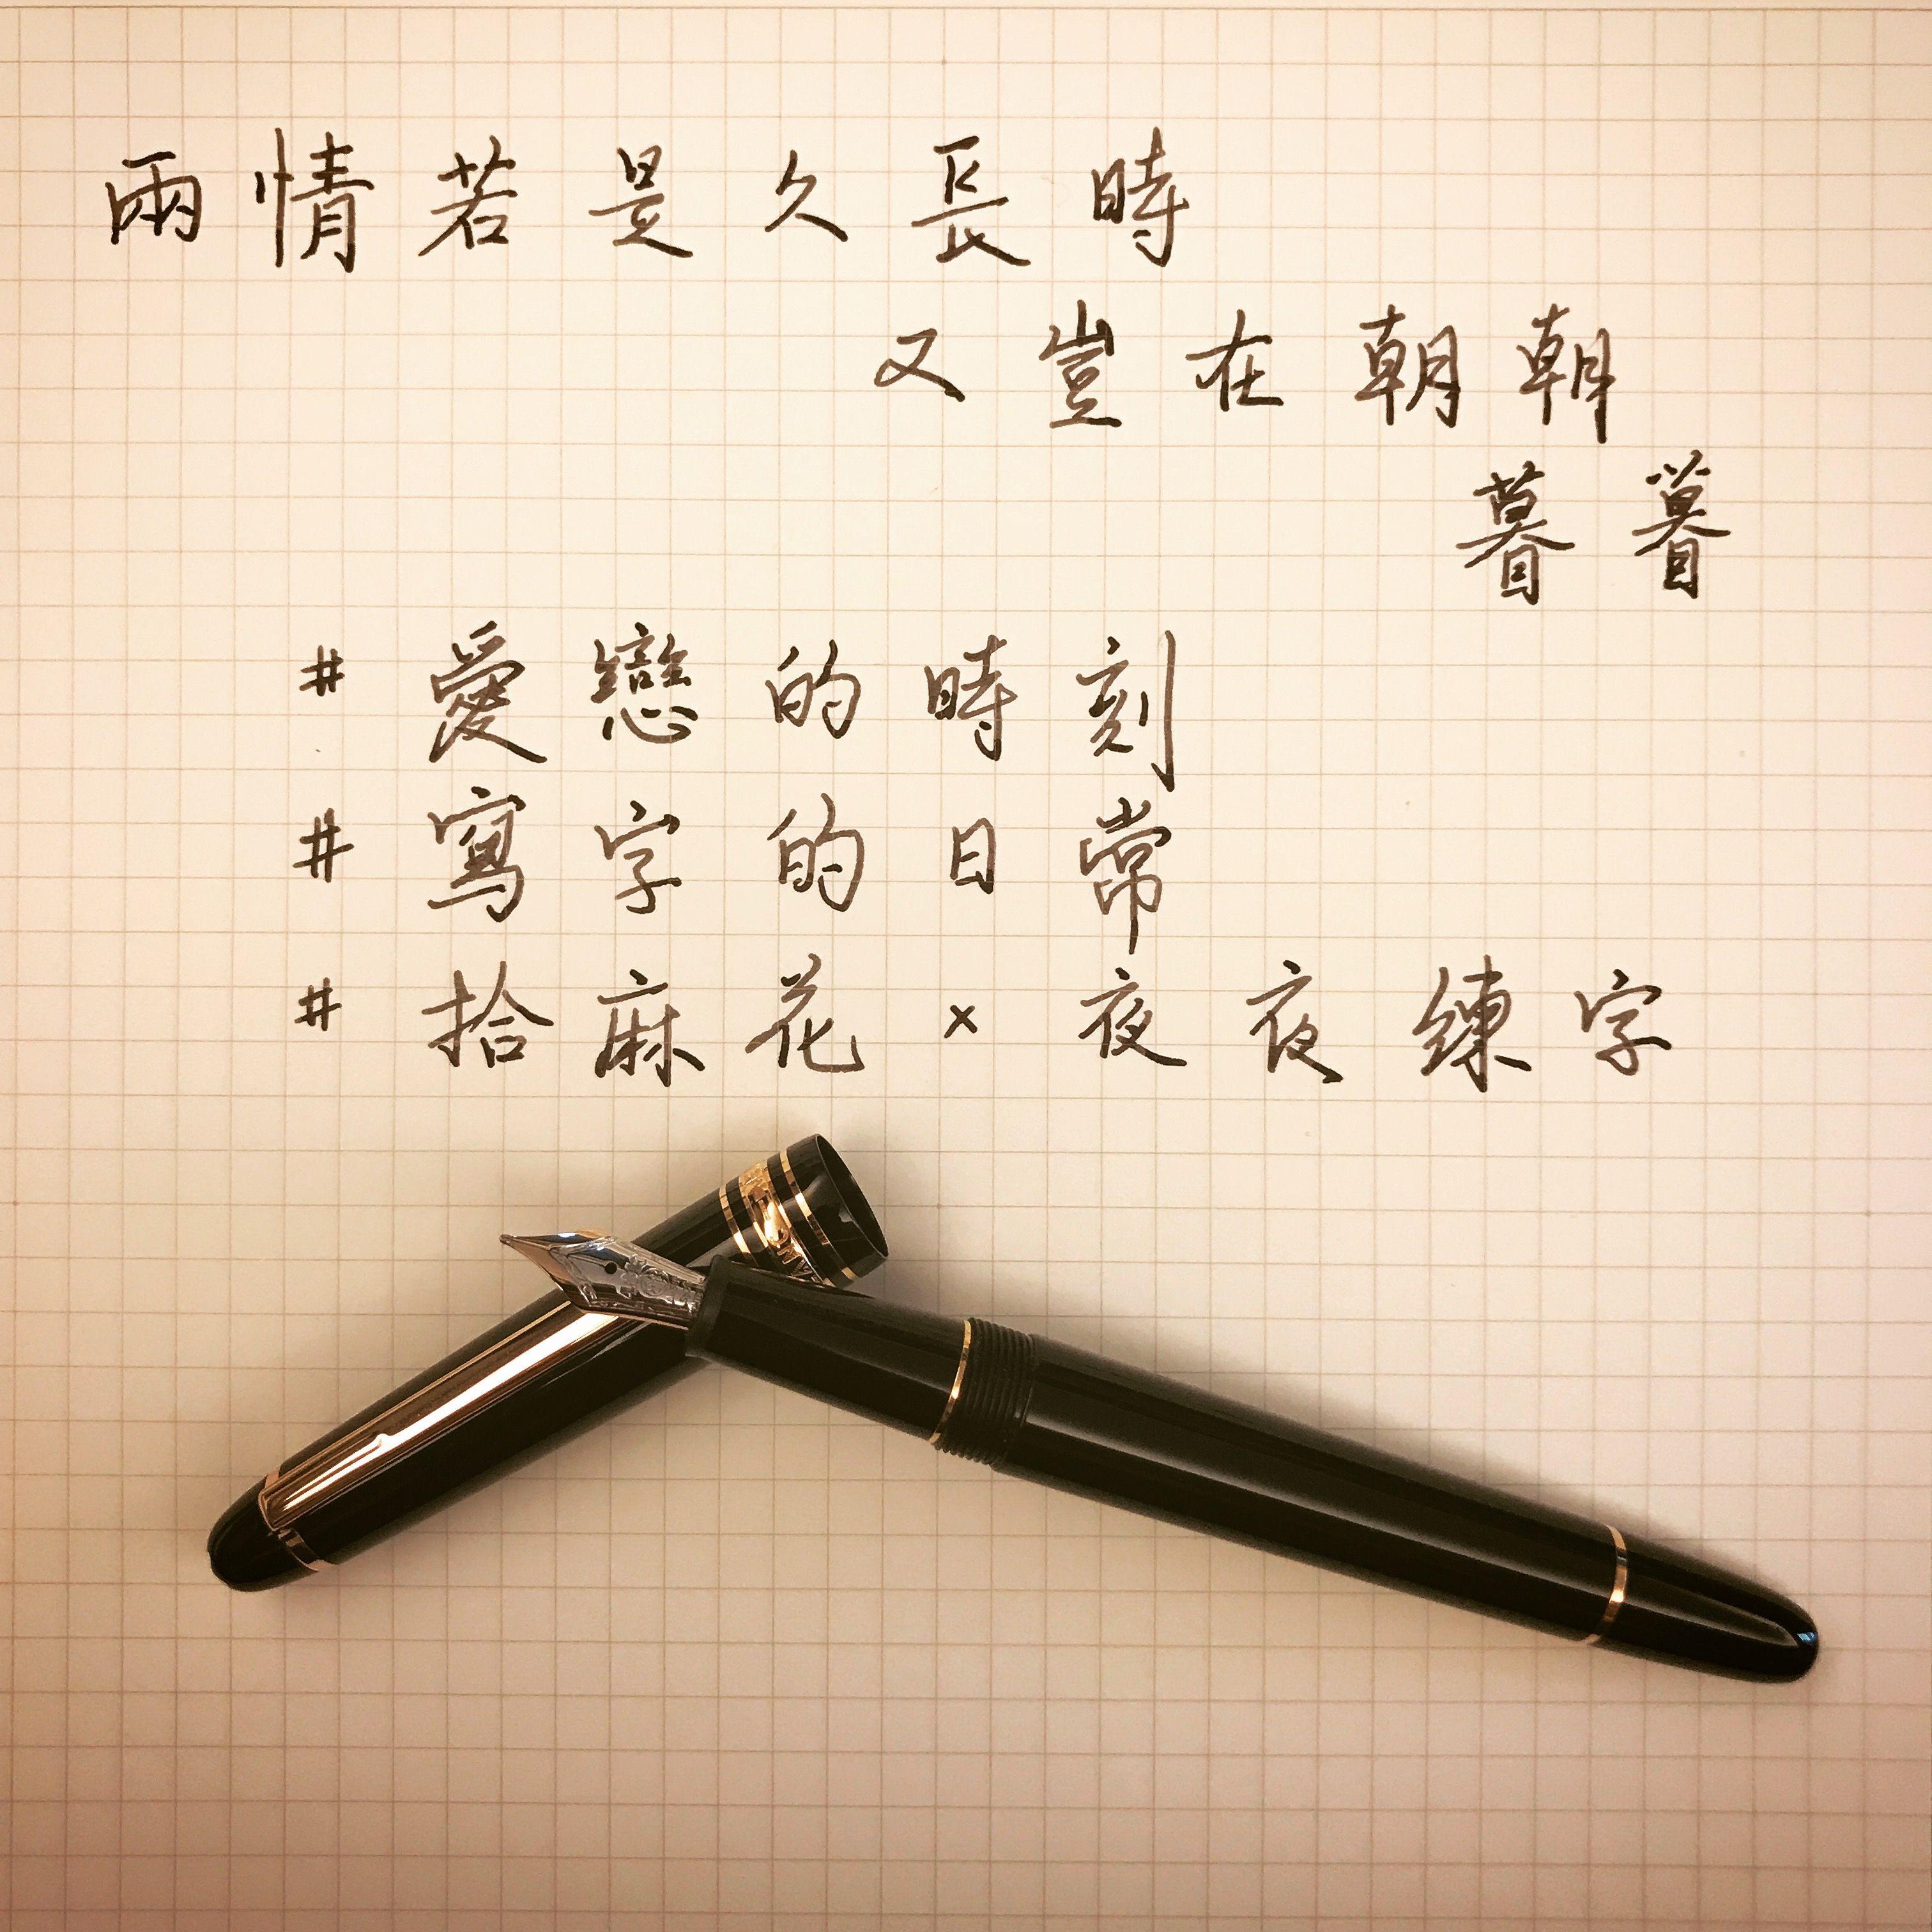 Pin By Samantha Chu On Chinese Calligraphy